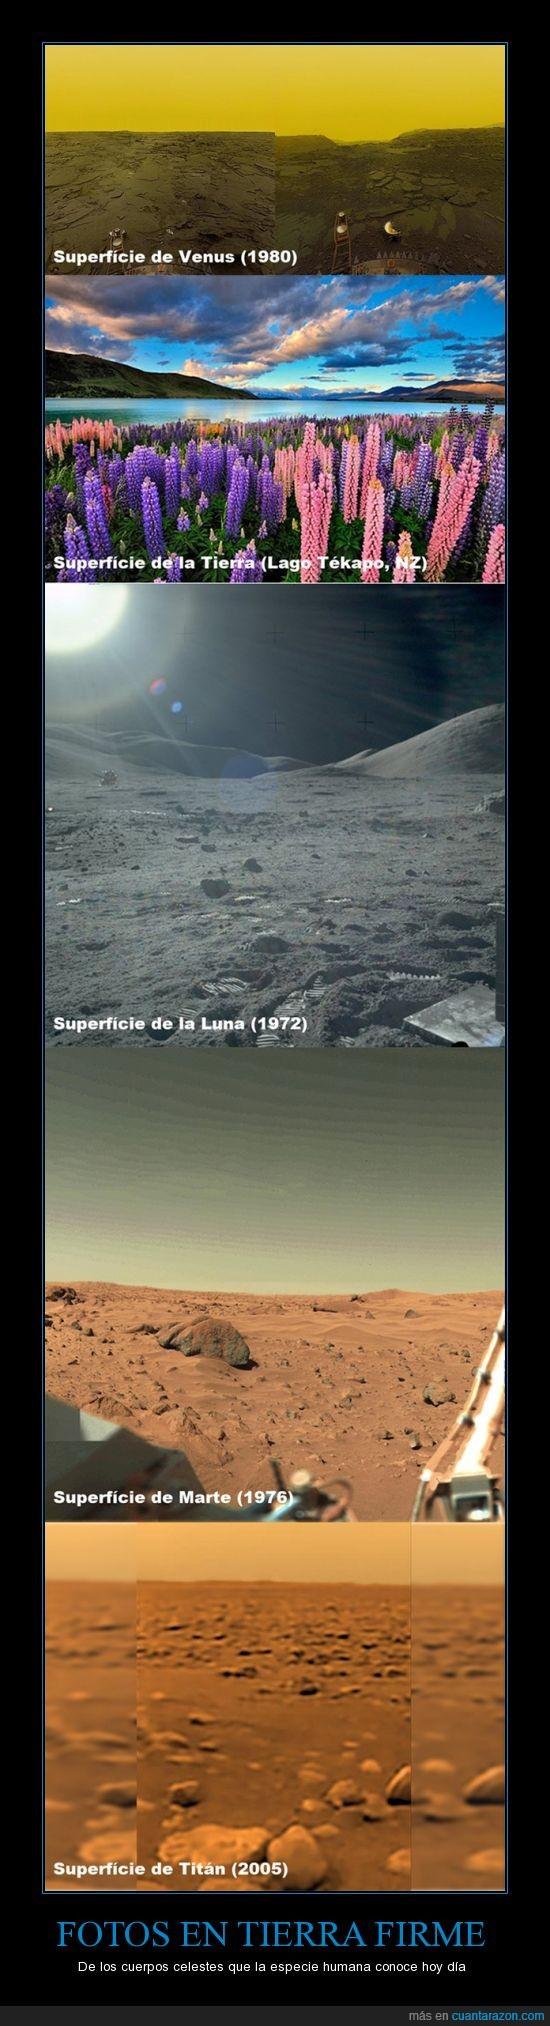 Fotografías,Luna,Marte,Paisajes,Planetas,Satélites,Superfícies,Tierra,Tierra firme,Titán,Venus